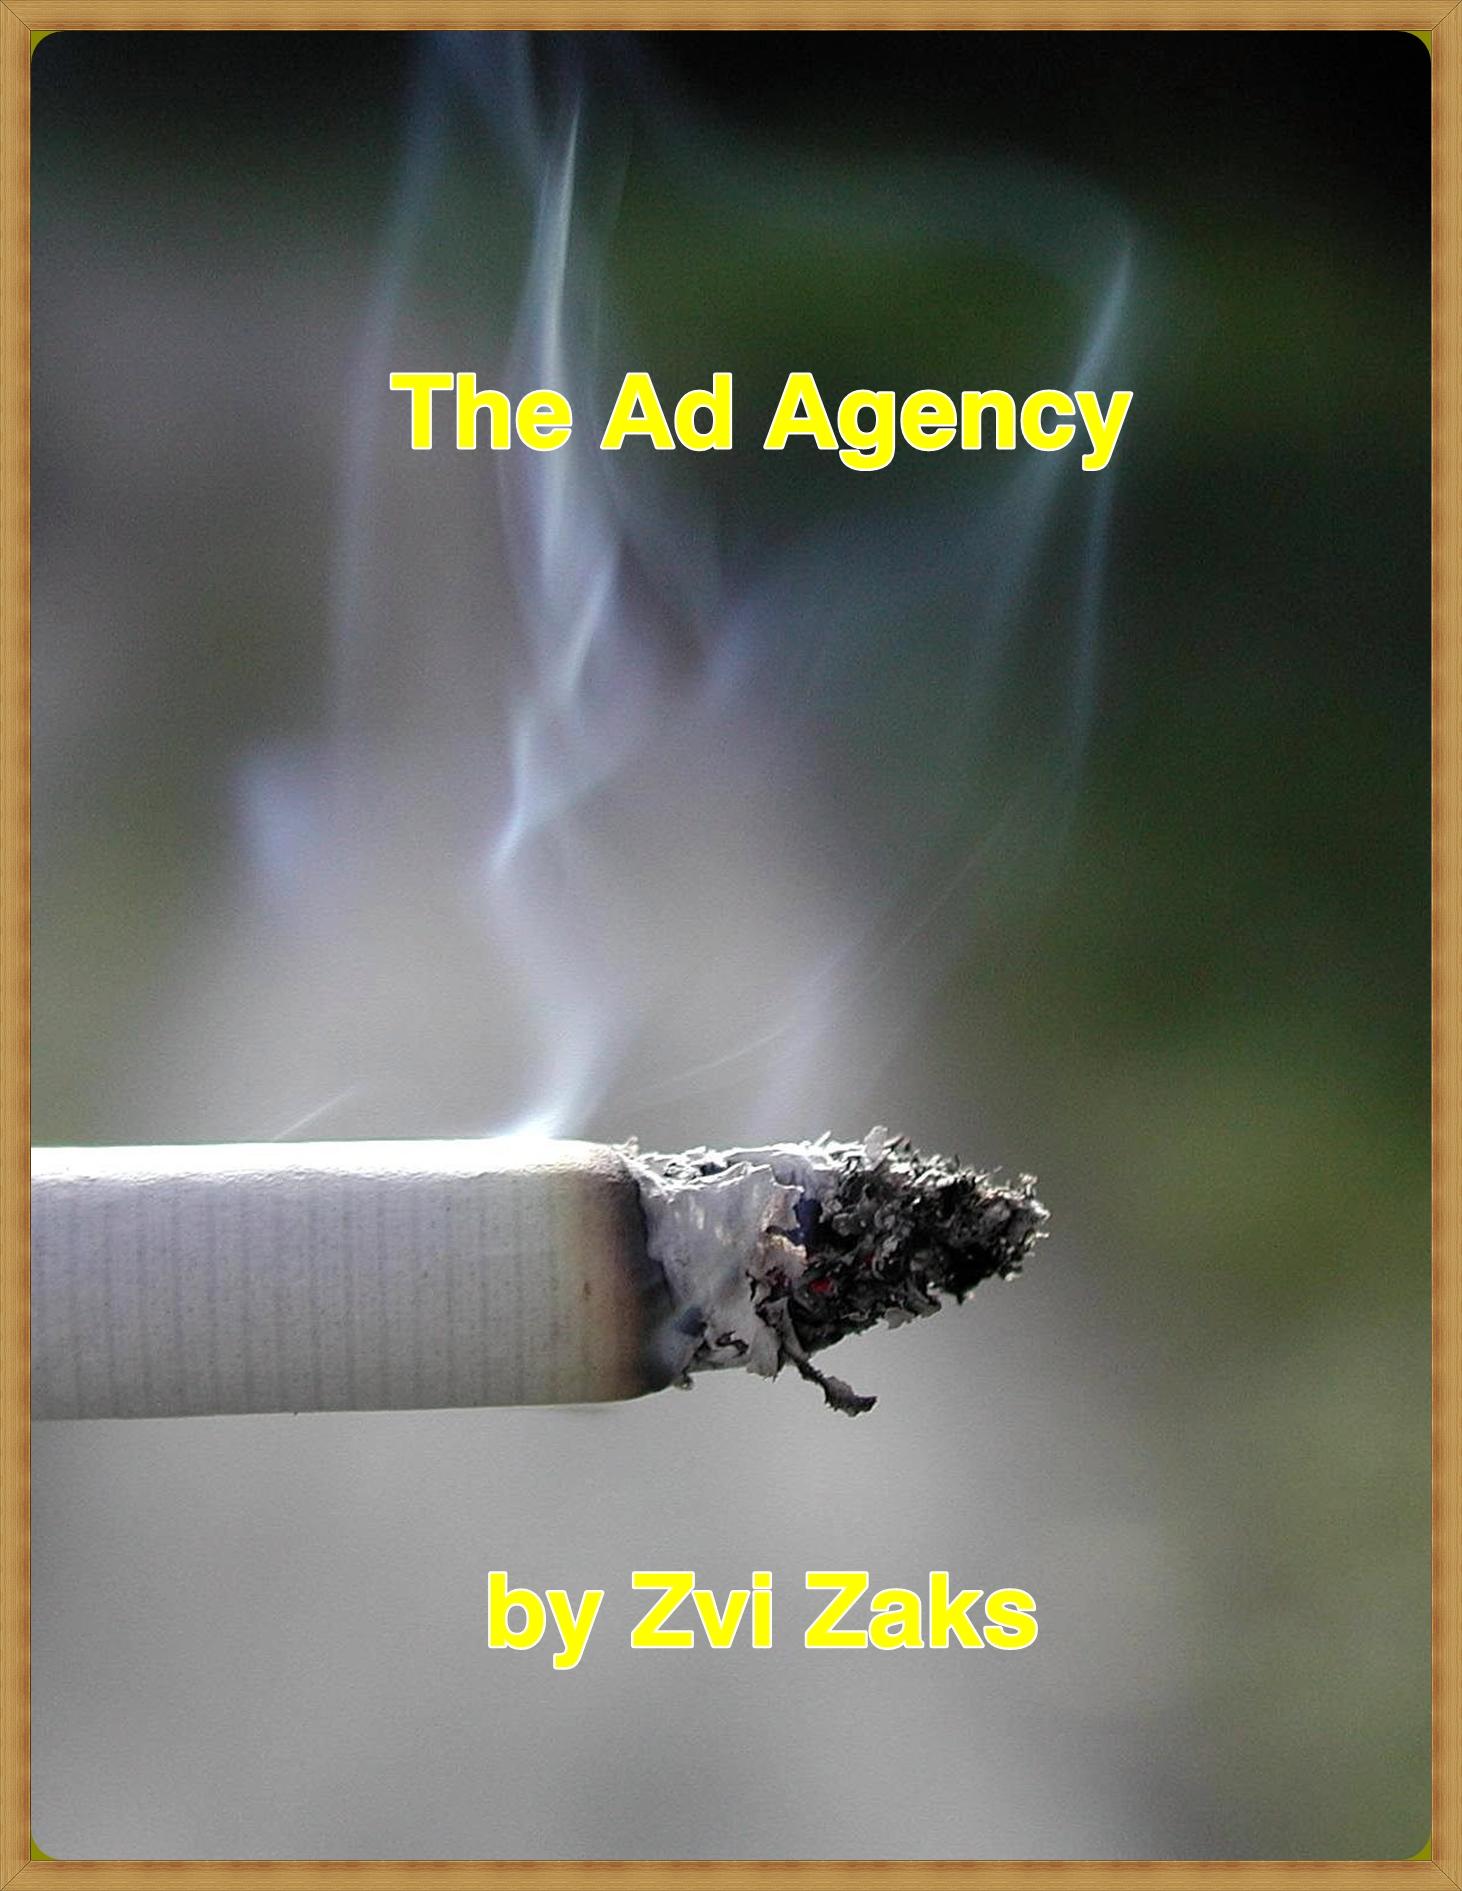 satire on smoking